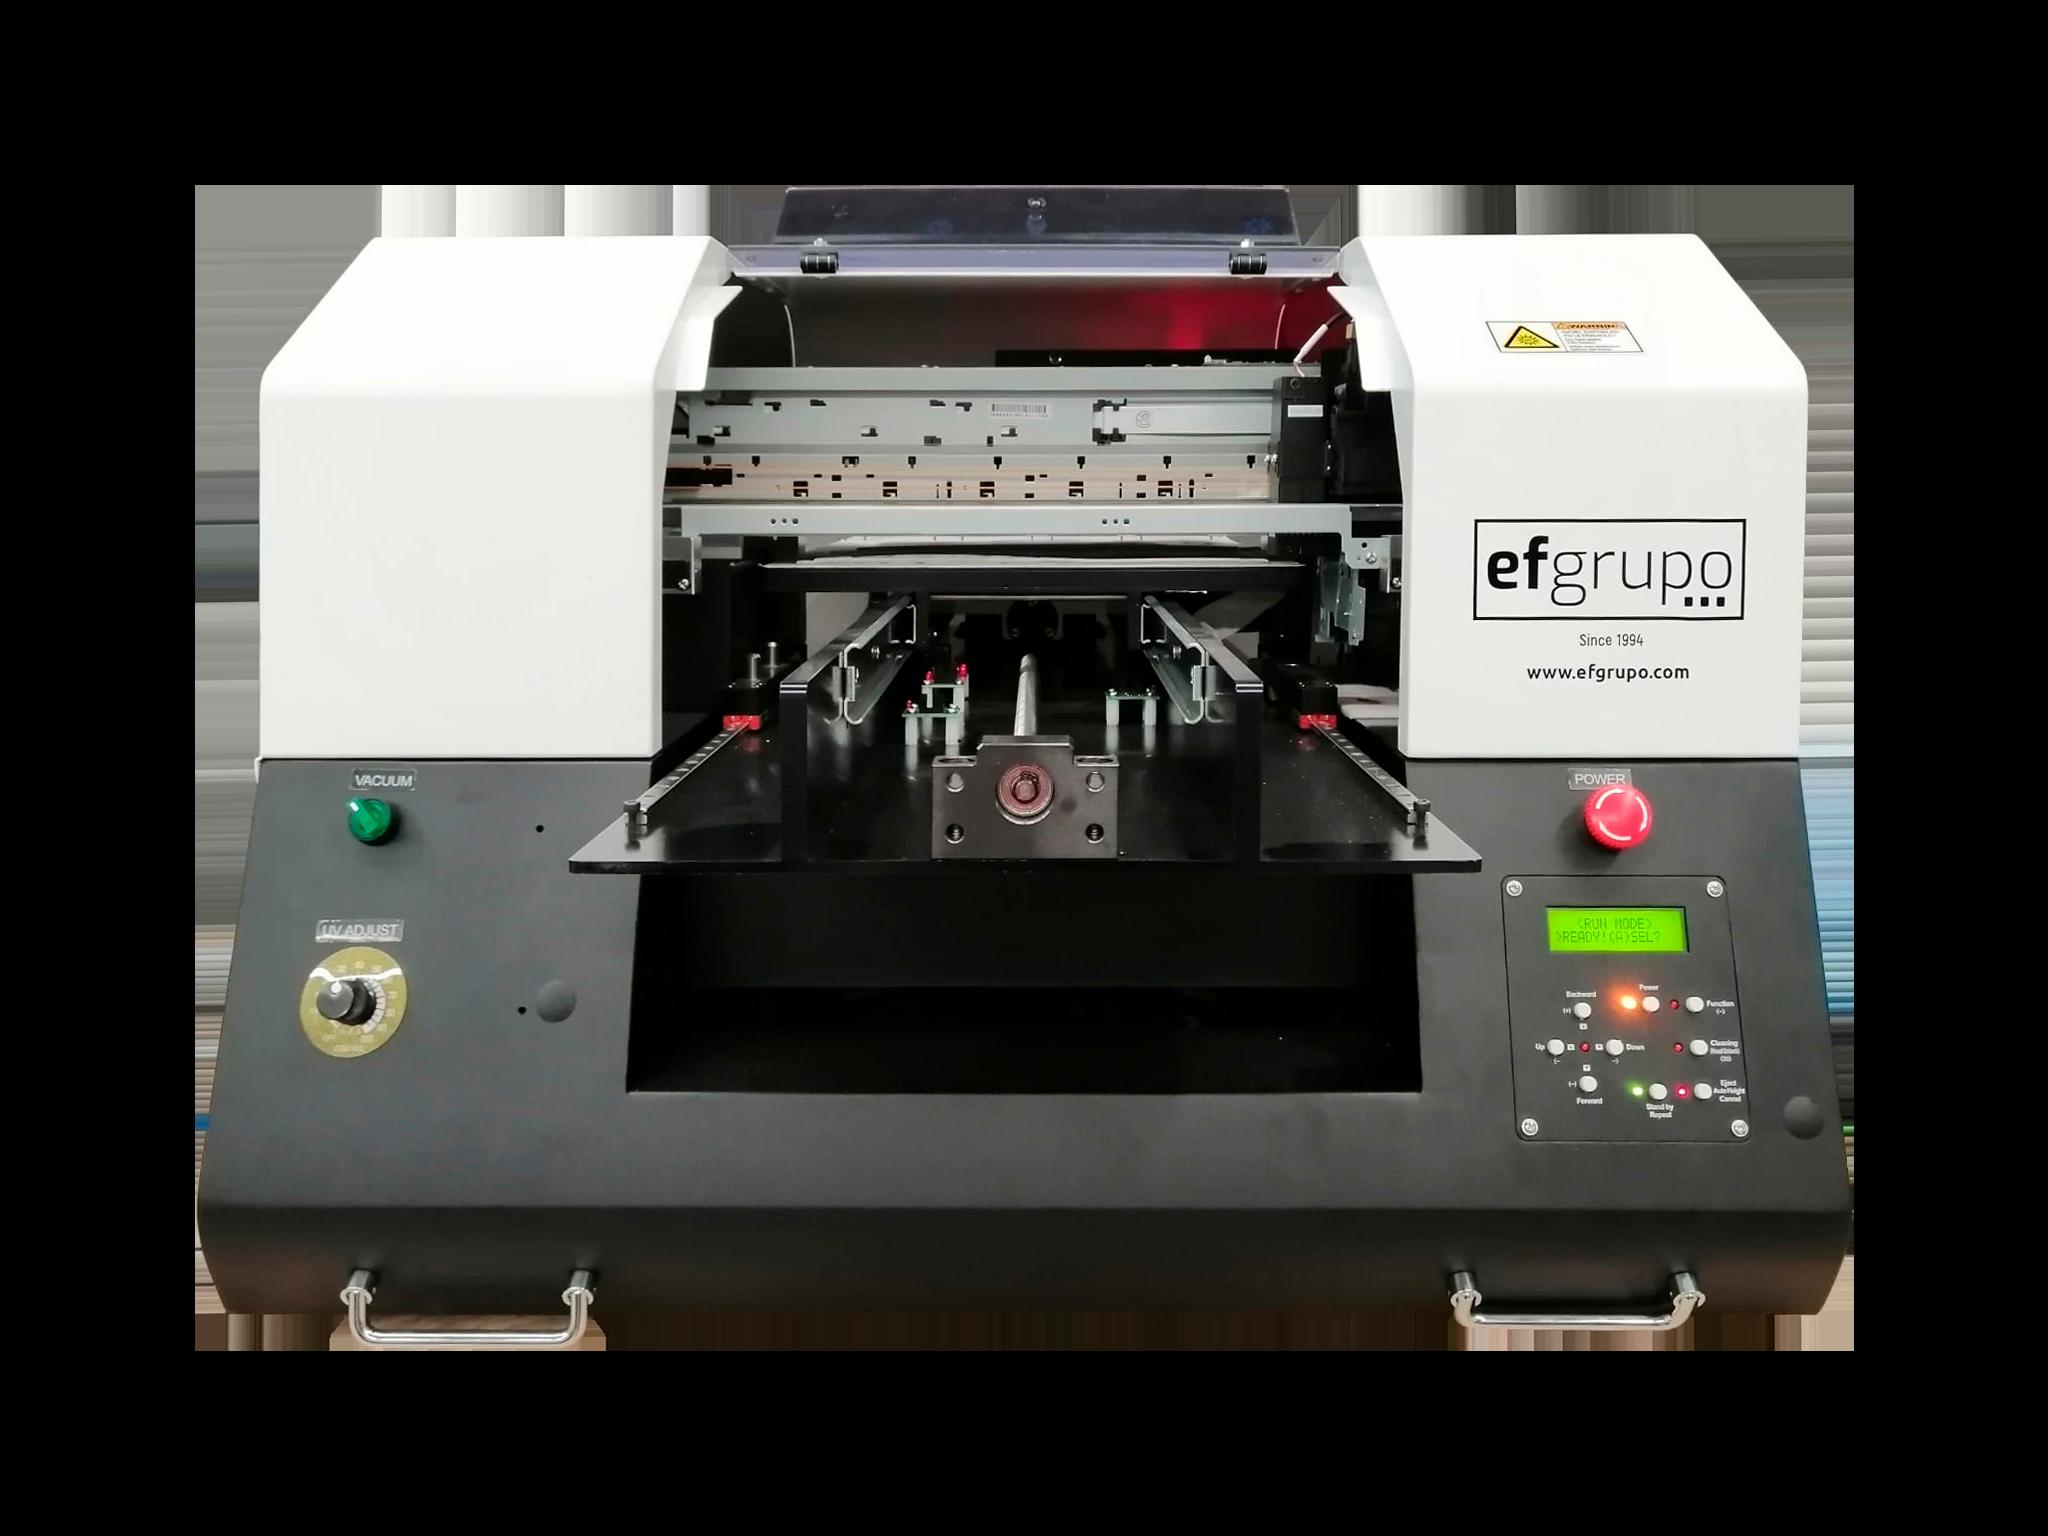 impresora uv